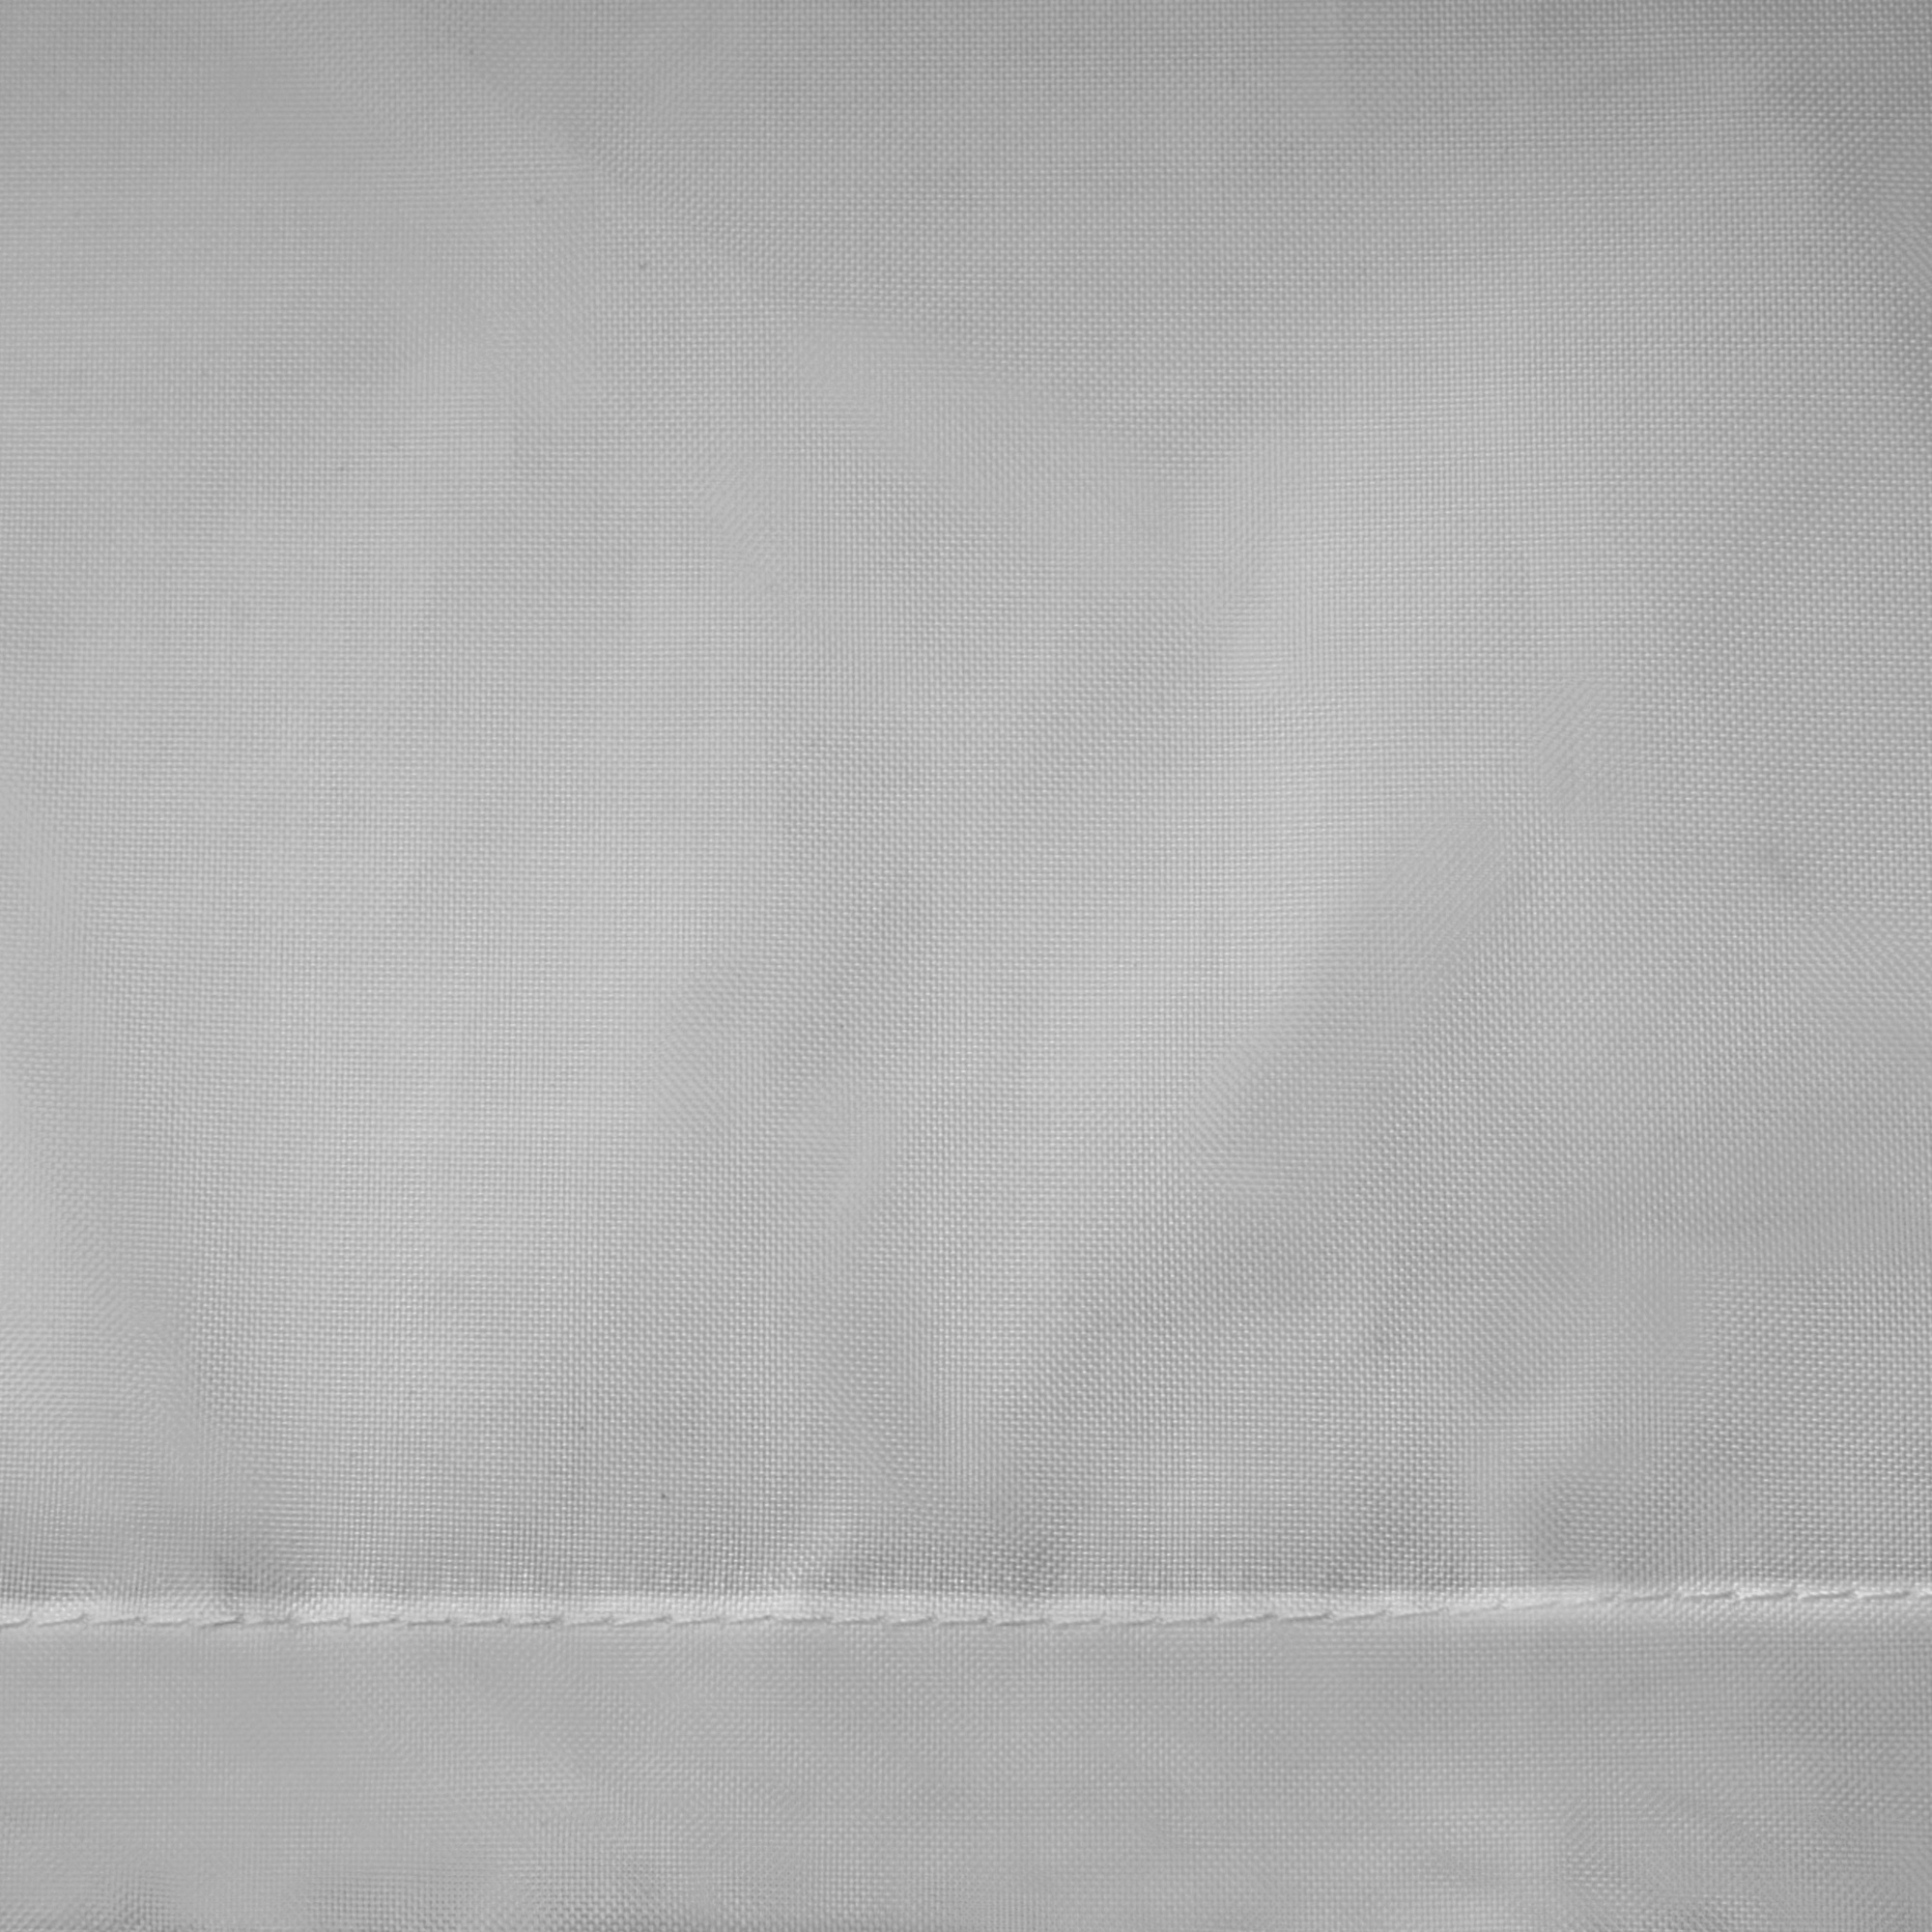 Indexbild 4 - Schutzhülle Sonnenschirm Abdeckung Sonnenschirmhülle Hülle Regenschutz B-Ware